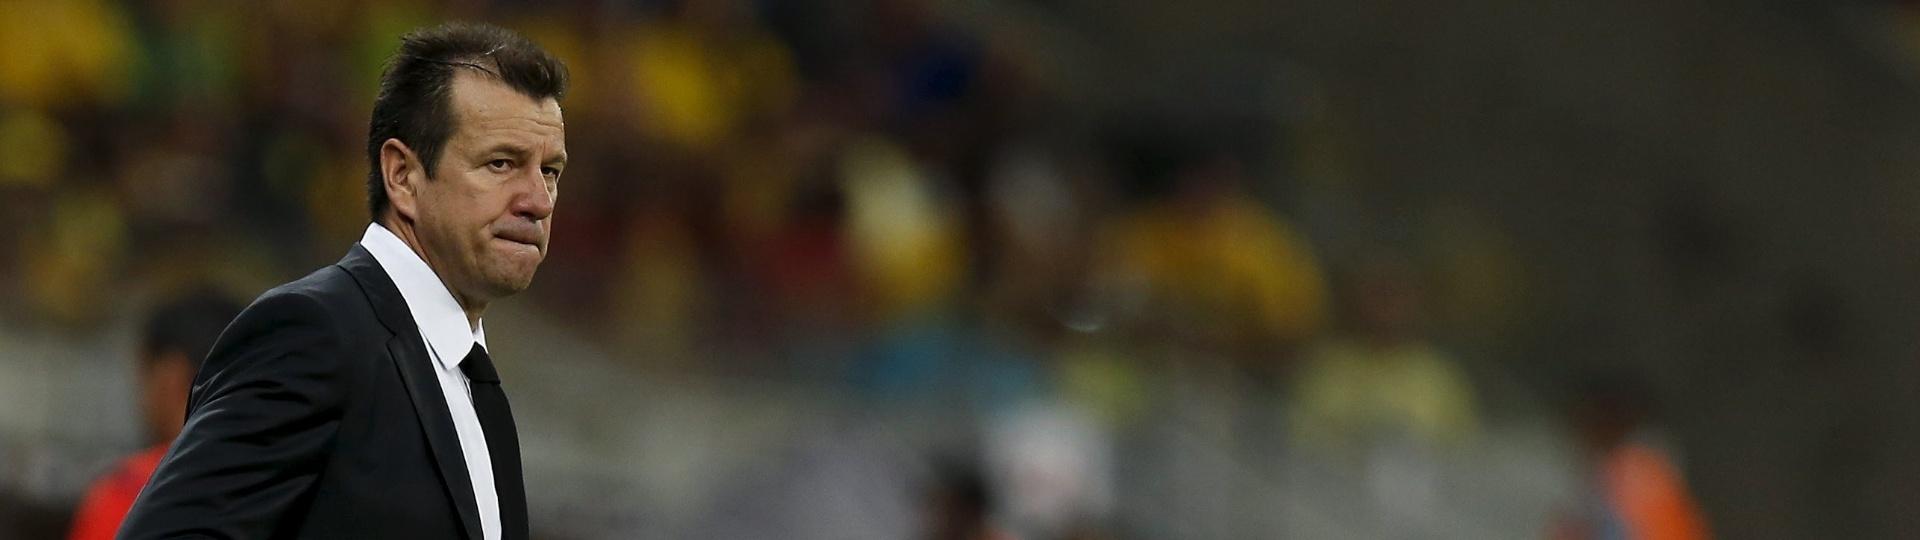 Dunga observa a partida do Brasil contra o Uruguai